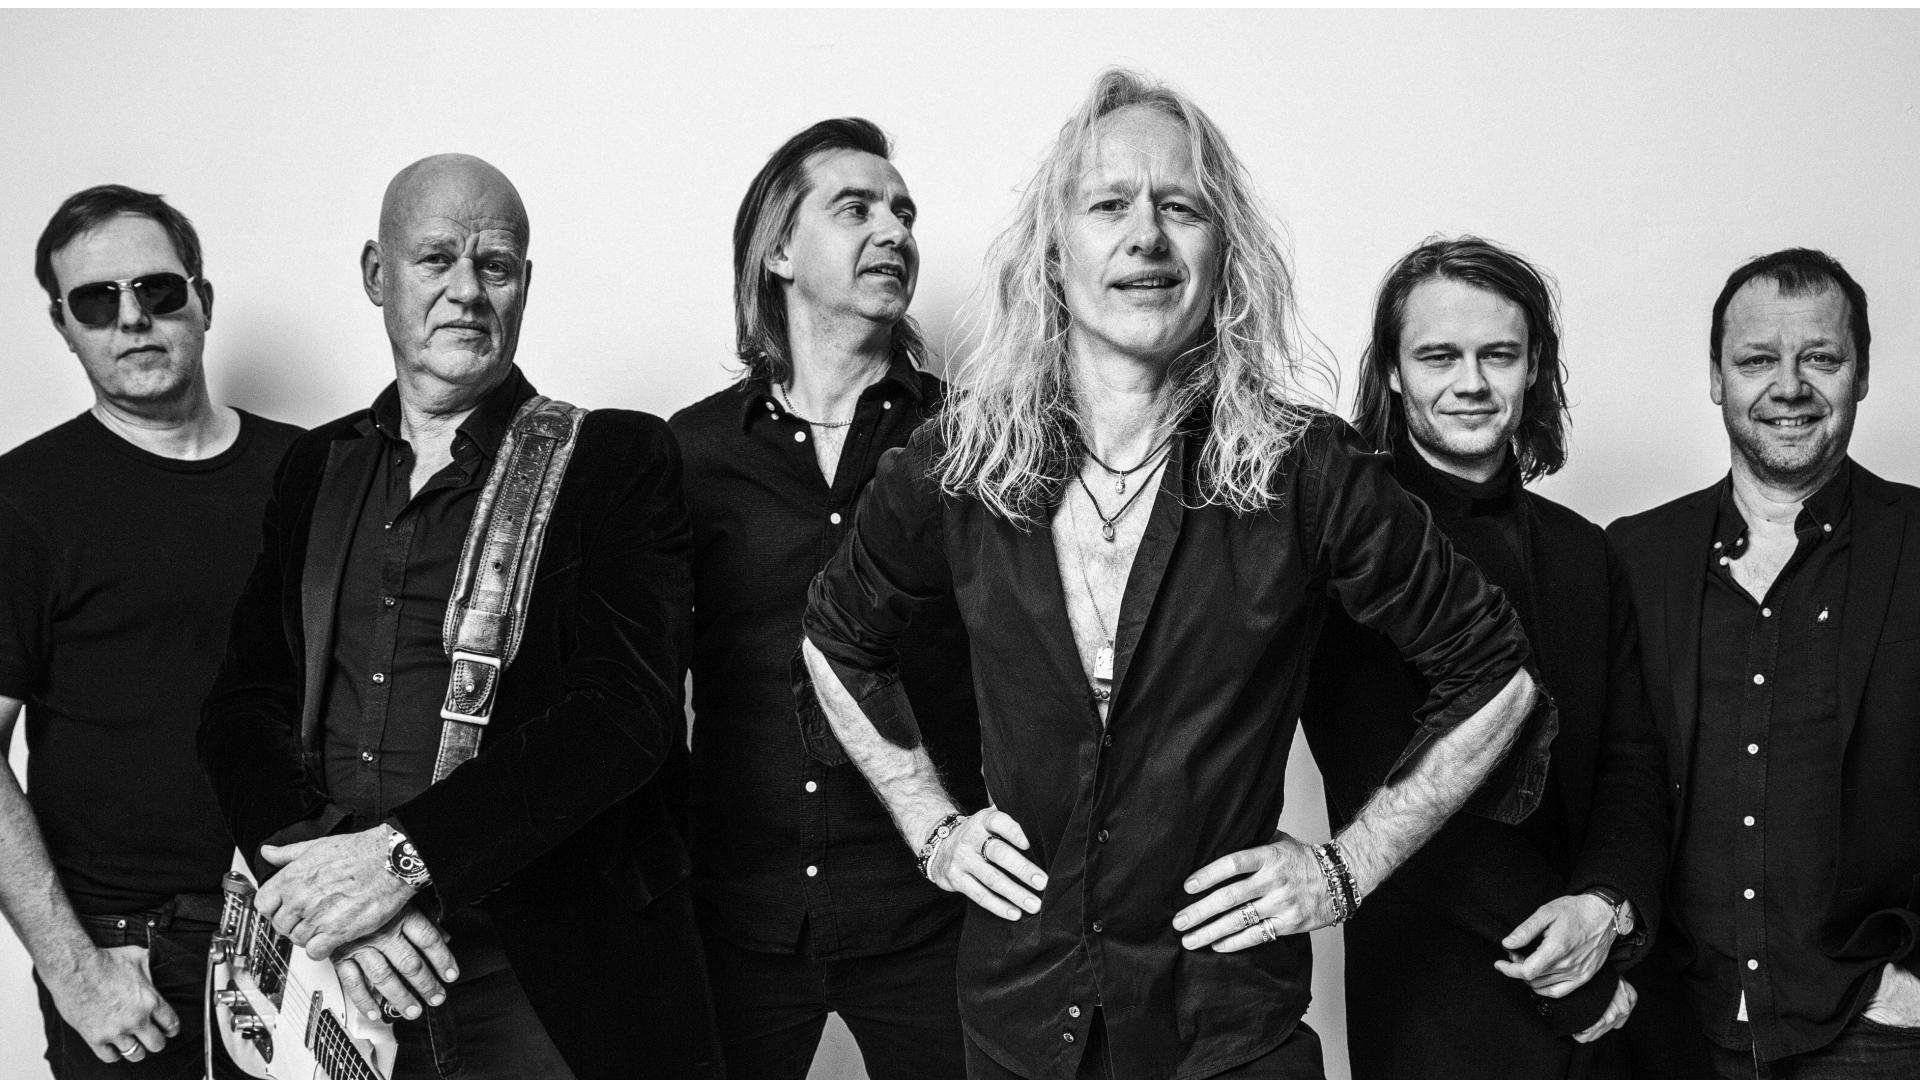 Koncert: Led Zeppelin Jam @ Industrien